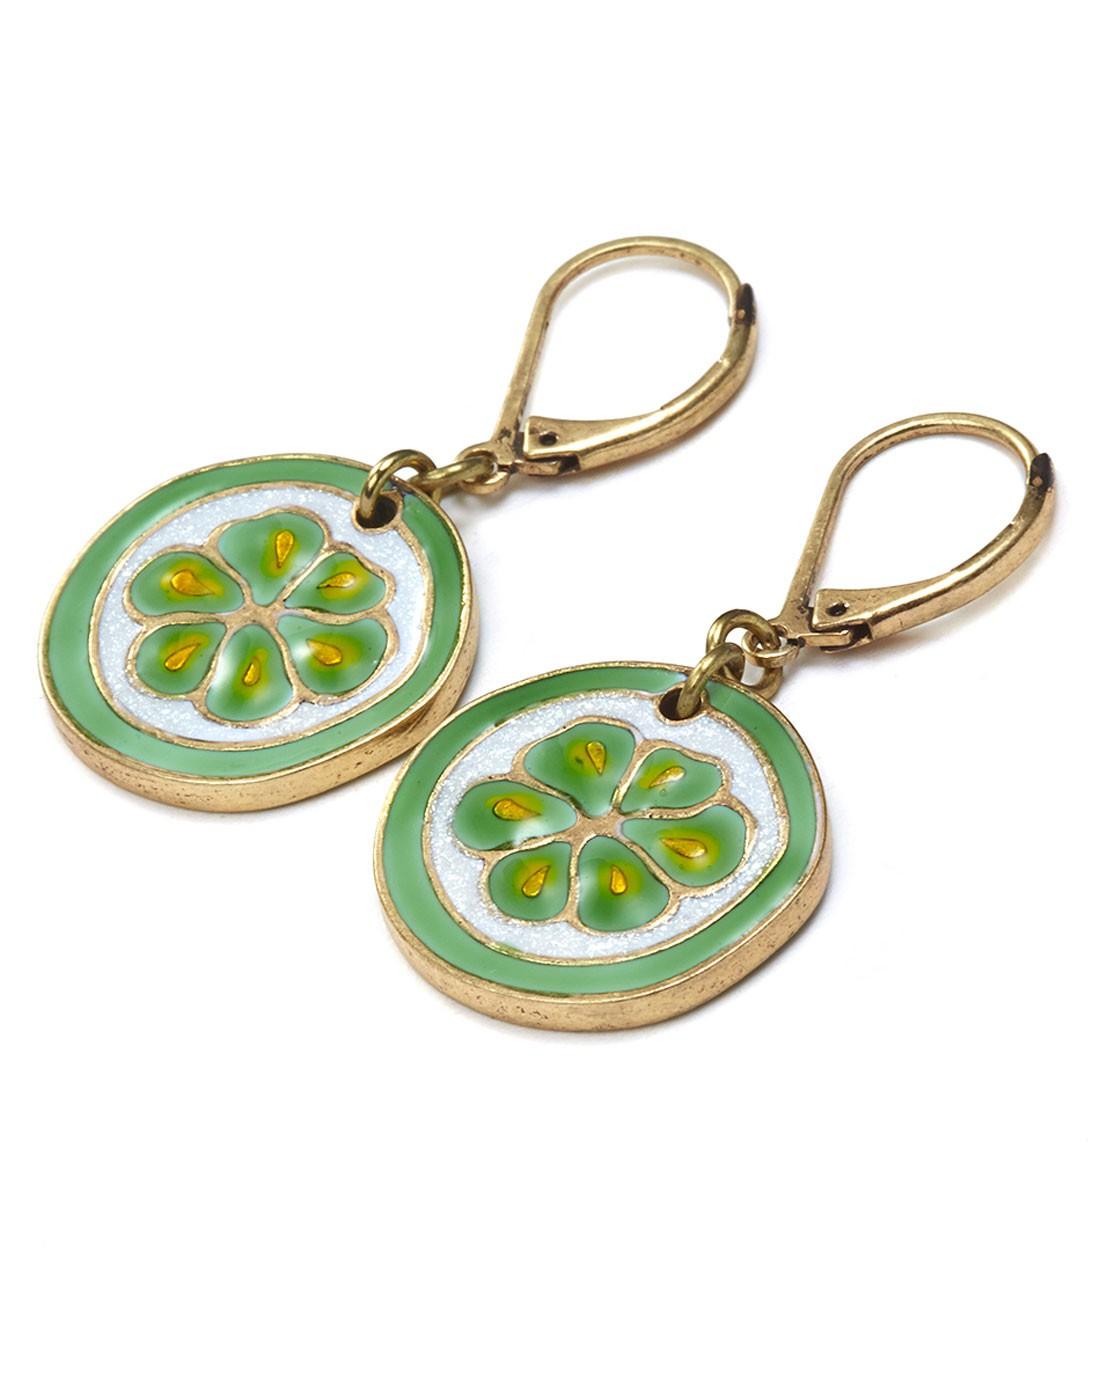 可爱彩色切片柠檬耳环